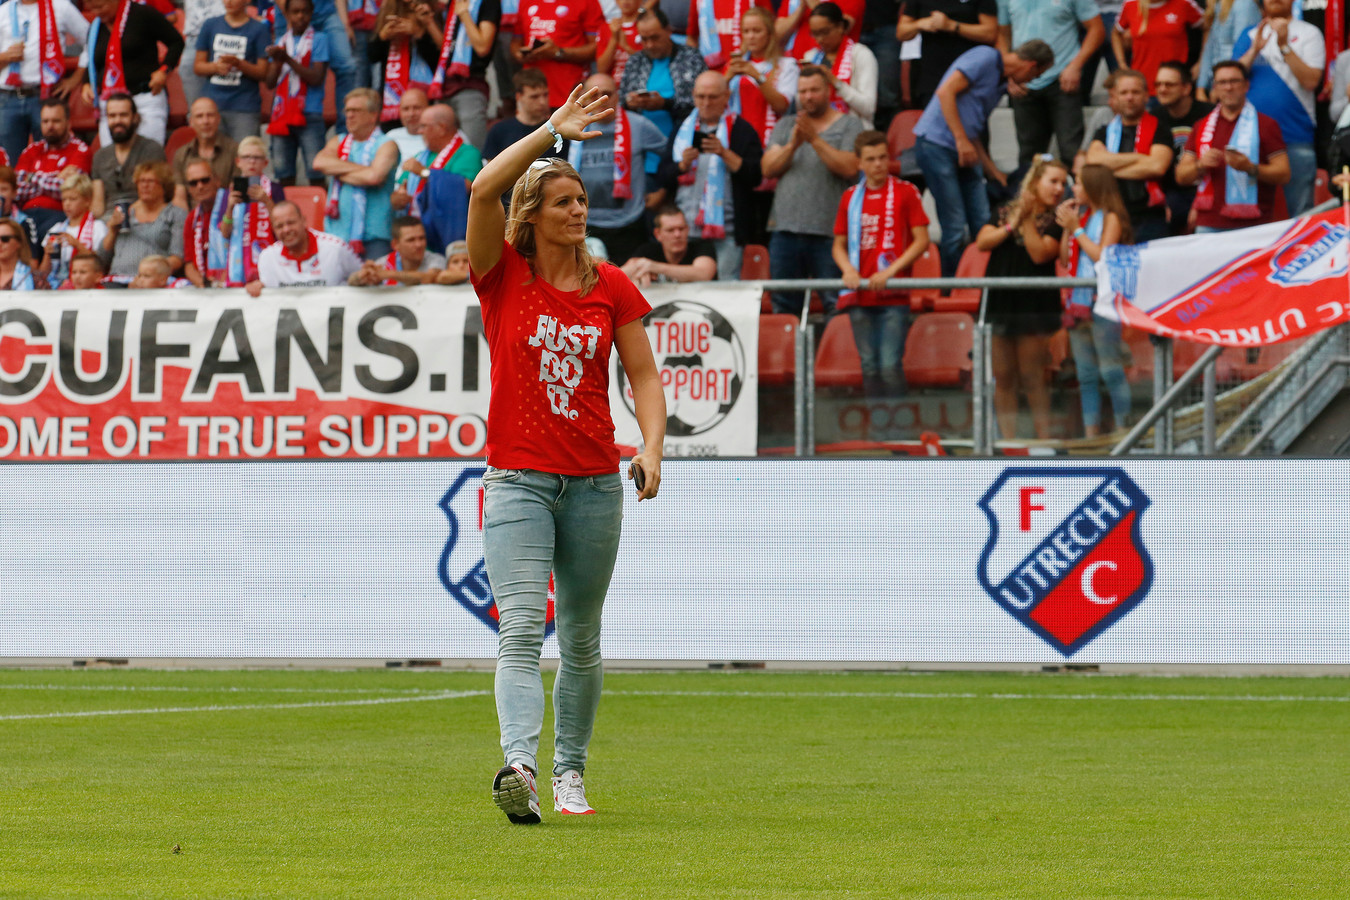 Twee jaar geleden werd Dafne Schippers gehuldigd voor FC Utrecht - Zenit na haar wereldtitel op de 200 meter sprint.